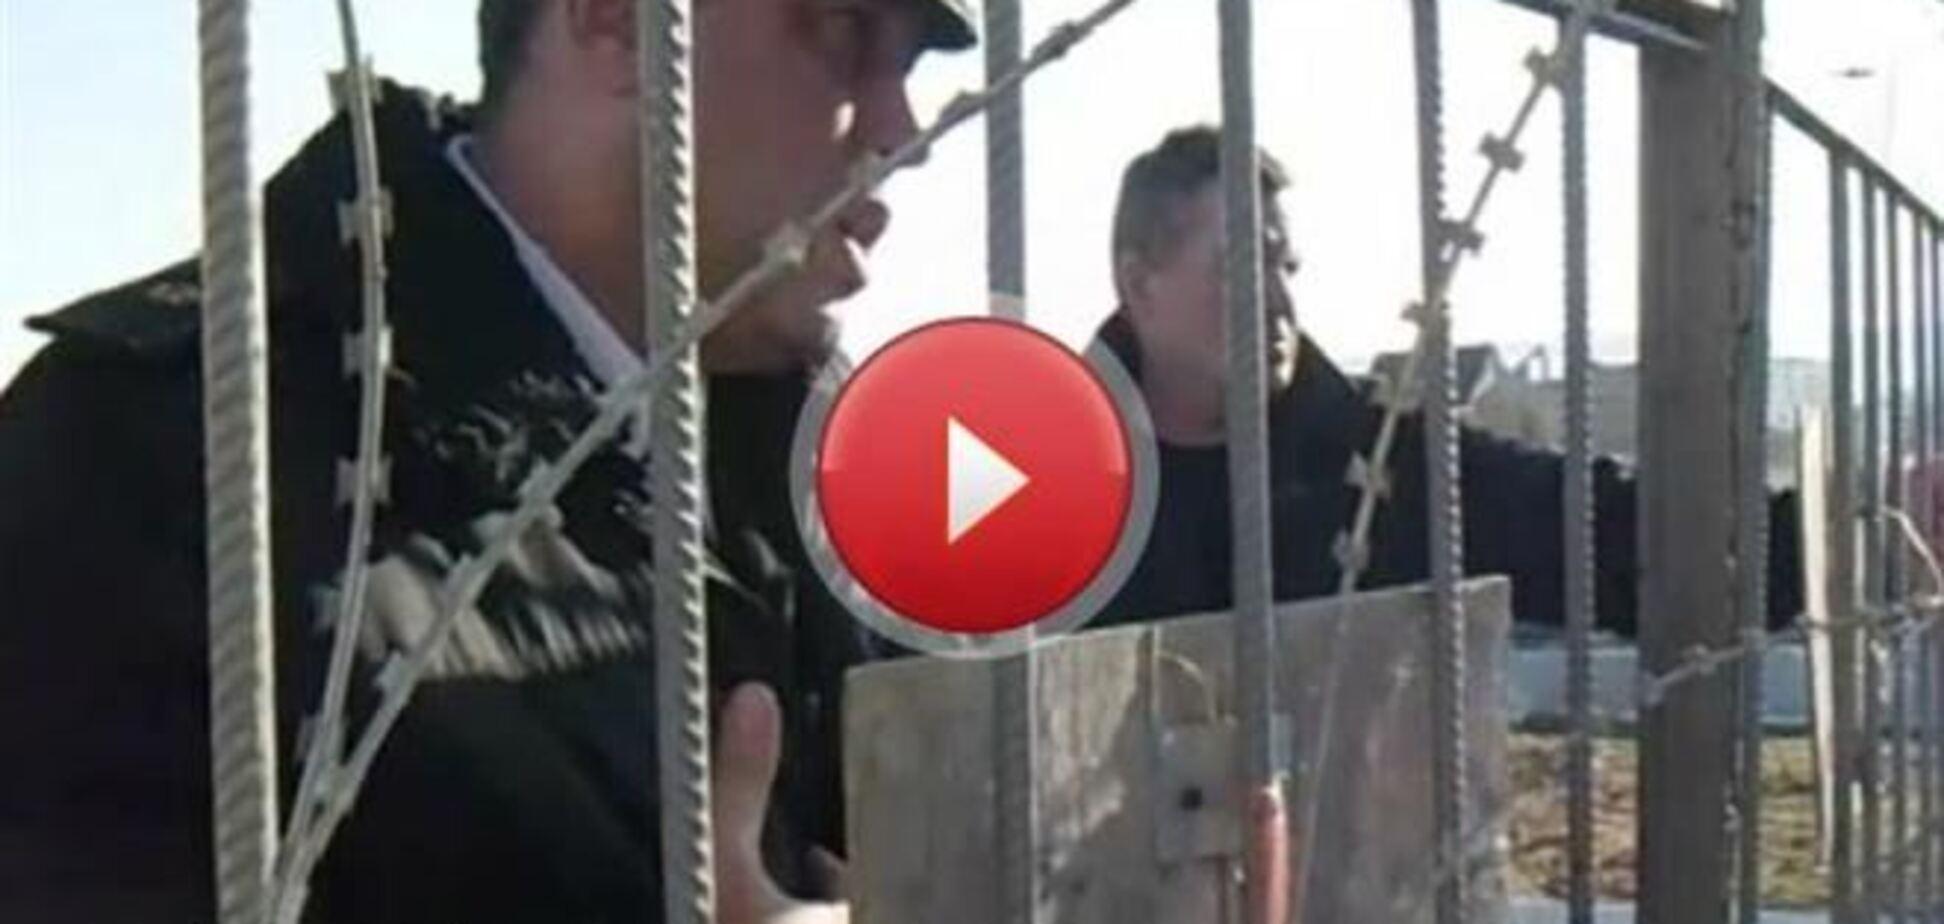 З'явилося відео, на якому екс-глава ВМС вмовляє солдатів зрадити Україну